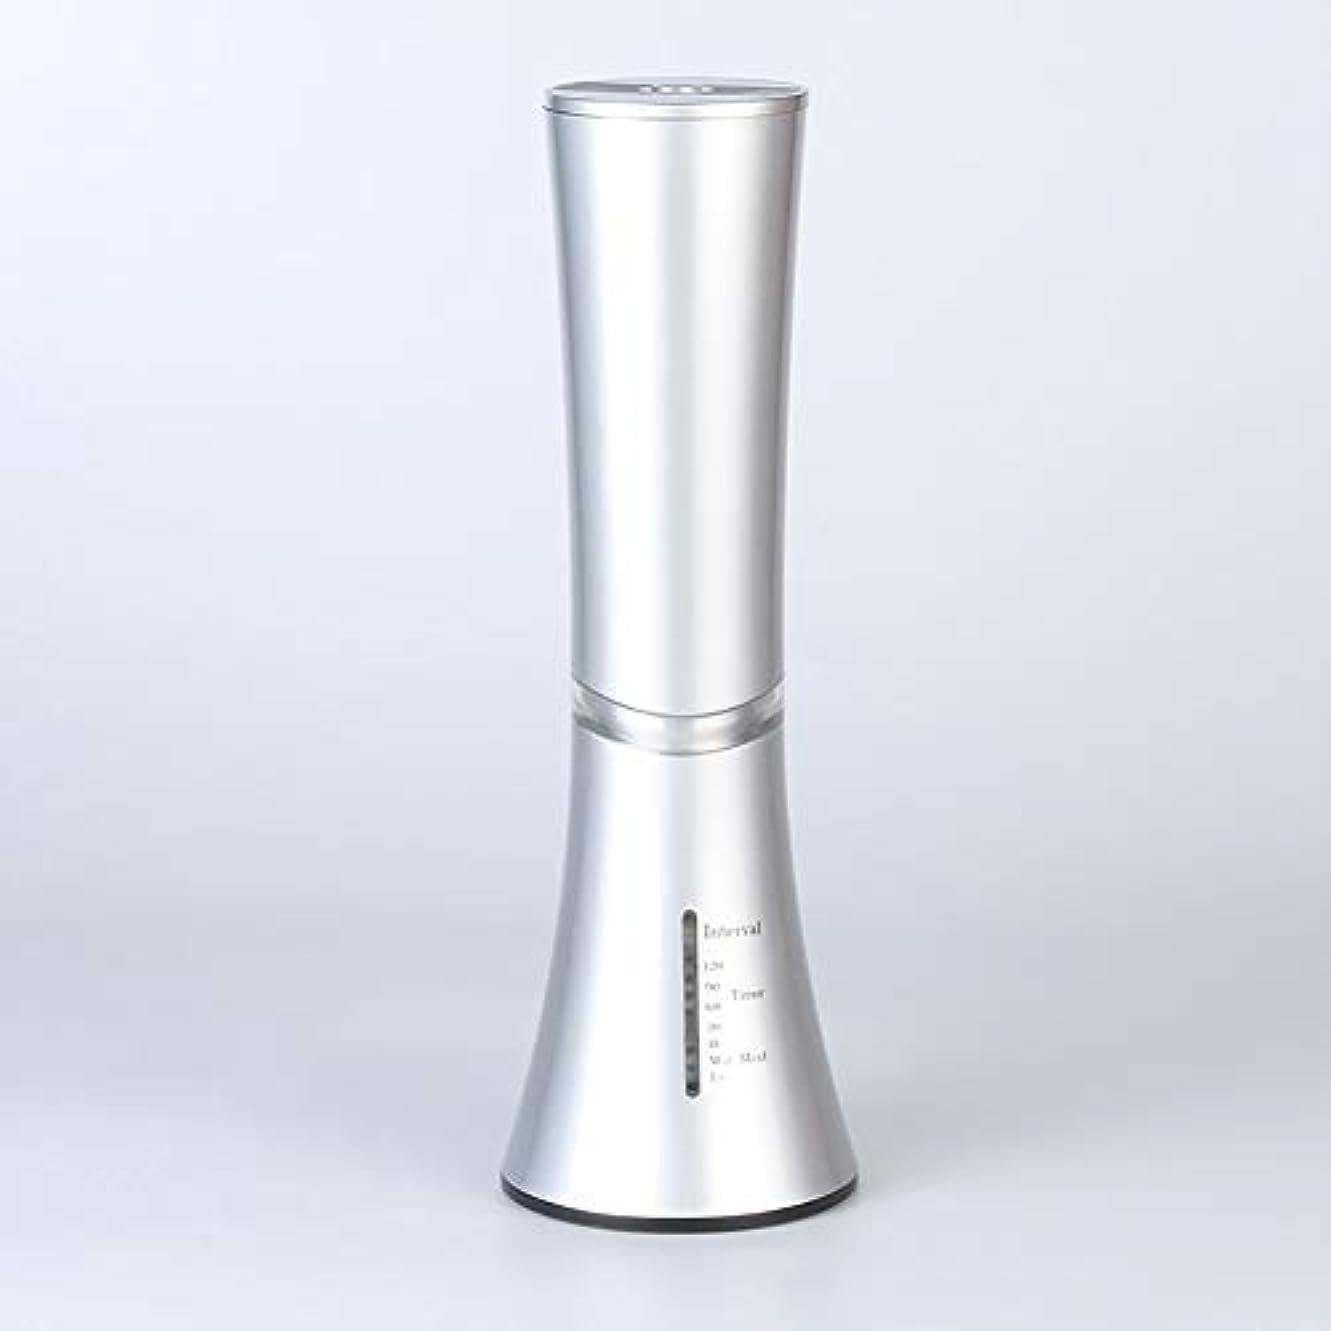 範囲柔らかさ乱気流超音波エッセンシャルオイルディフューザー、クールミスト加湿器、エッセンシャルオイル用アロマテラピーディフューザー、ホームヨガオフィス用自動シャットオフ